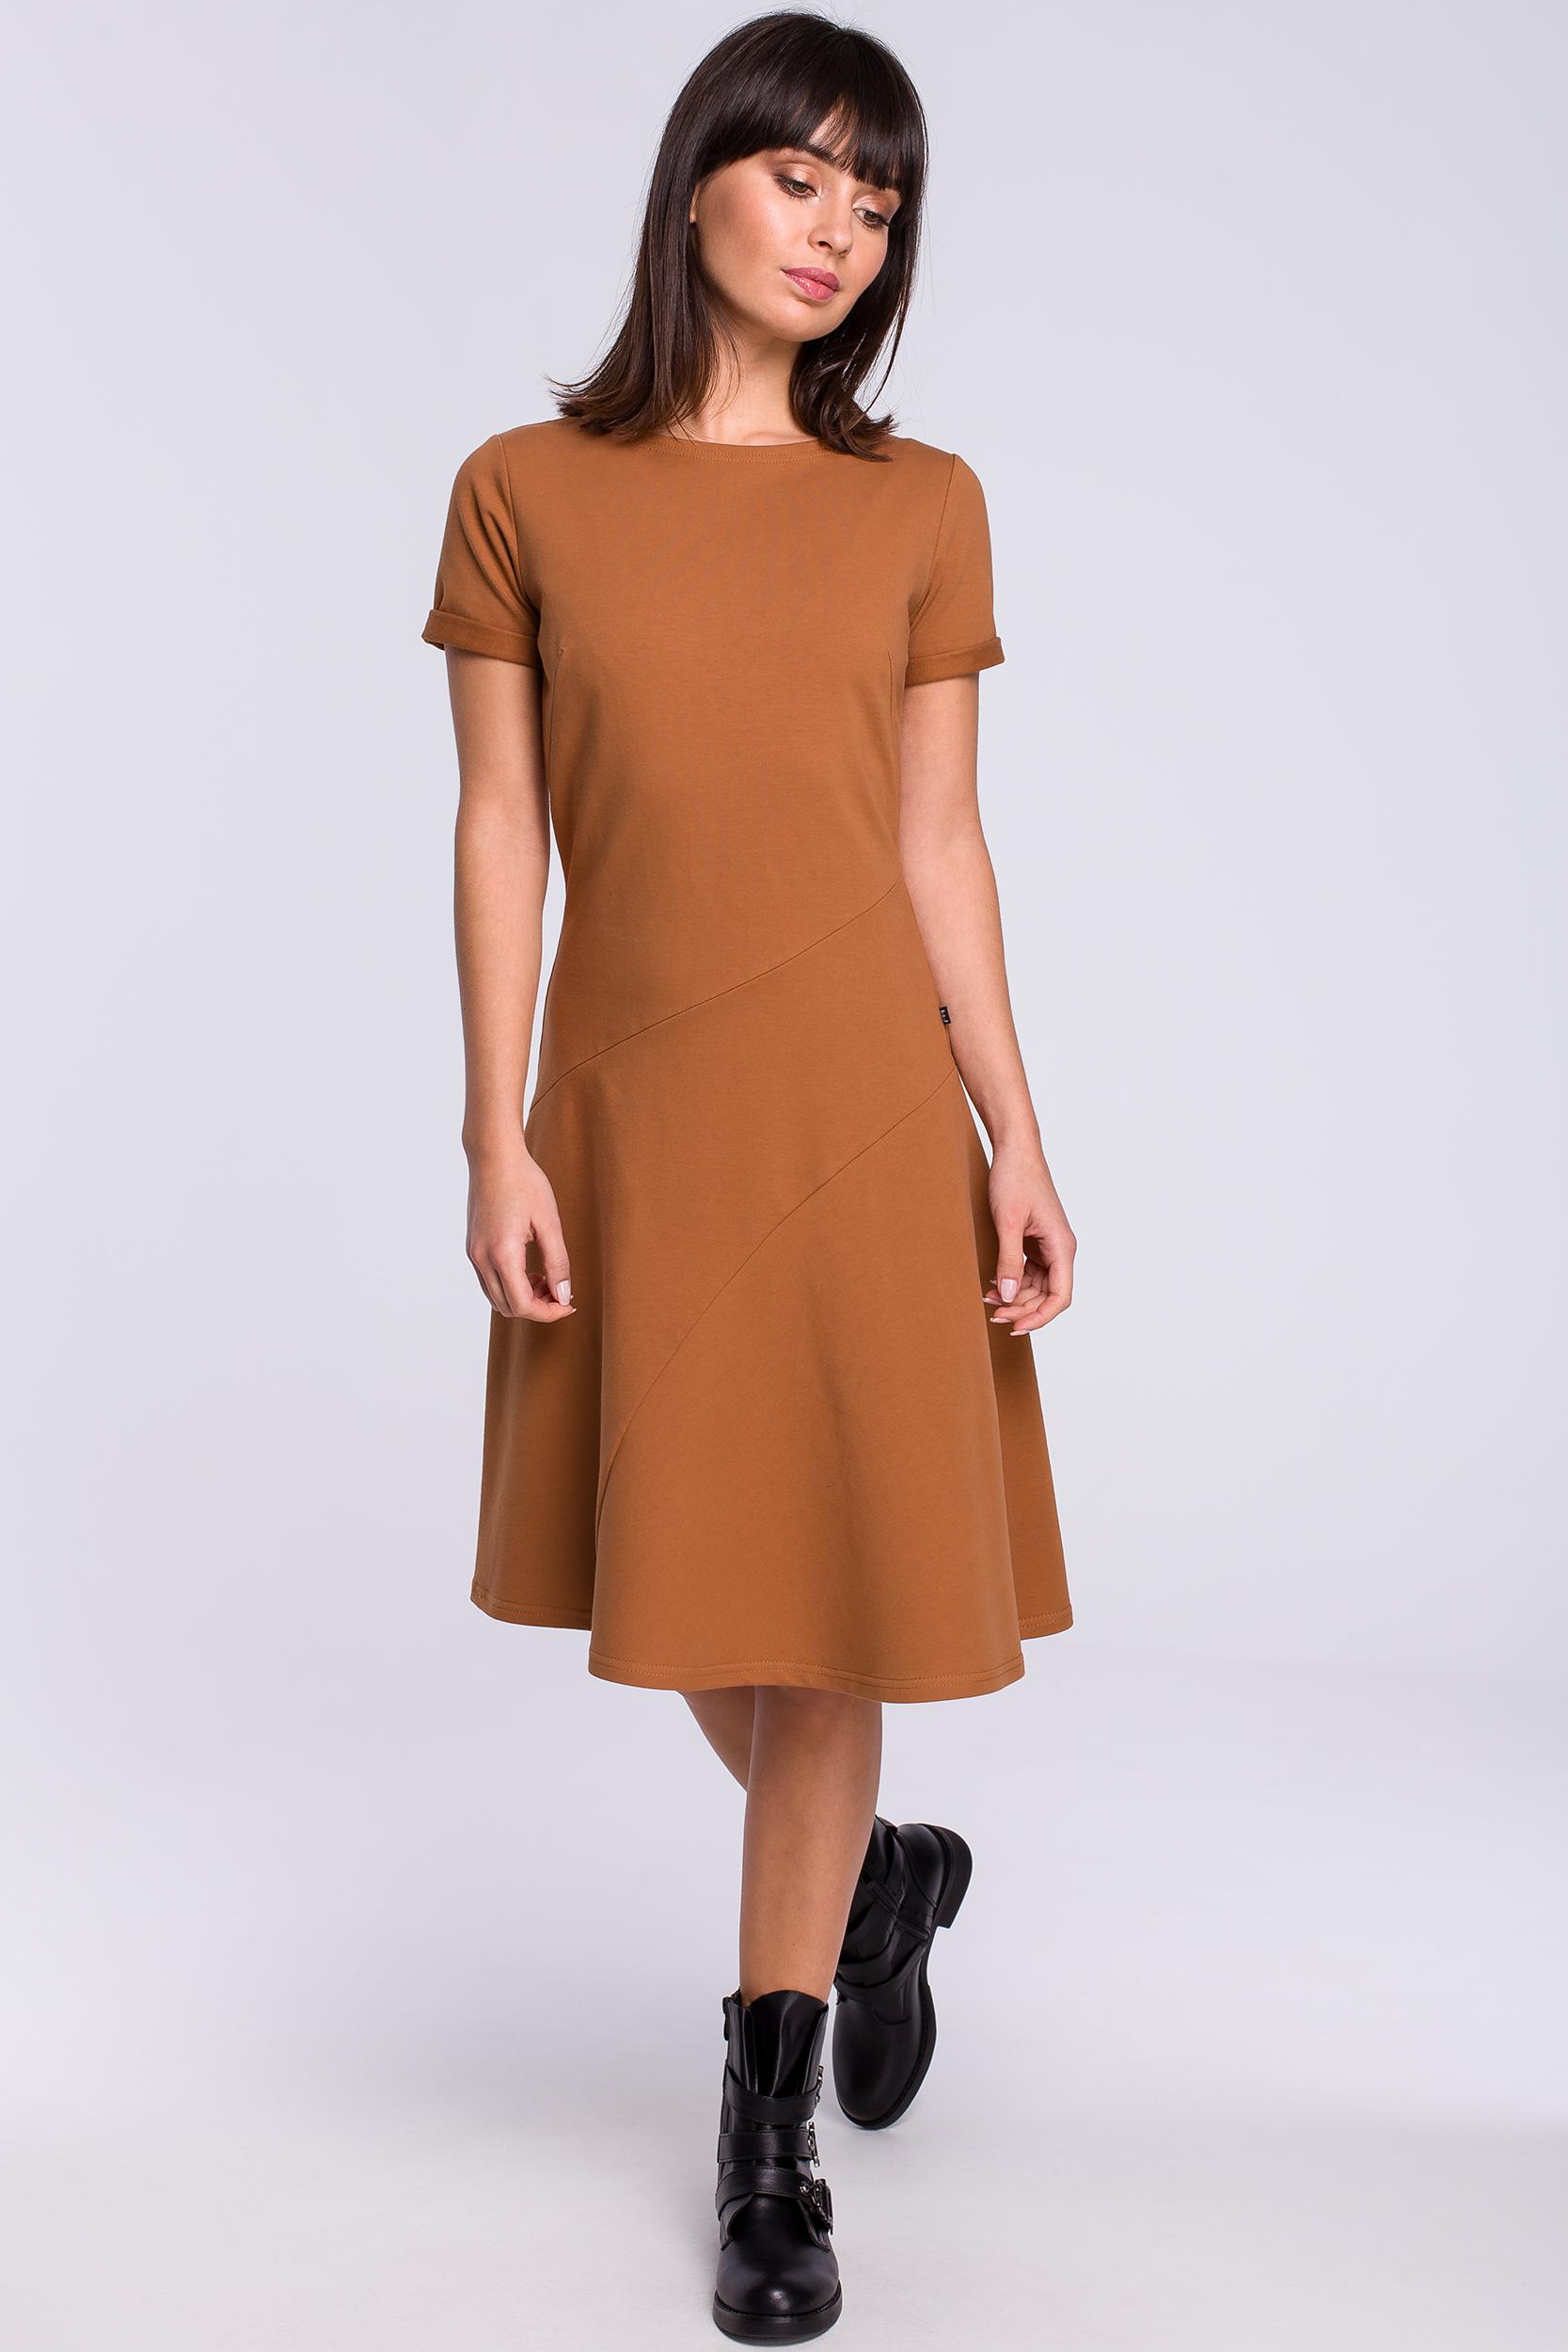 CM4119 Lekko rozkloszowana sukienka z godetem - karmelowa